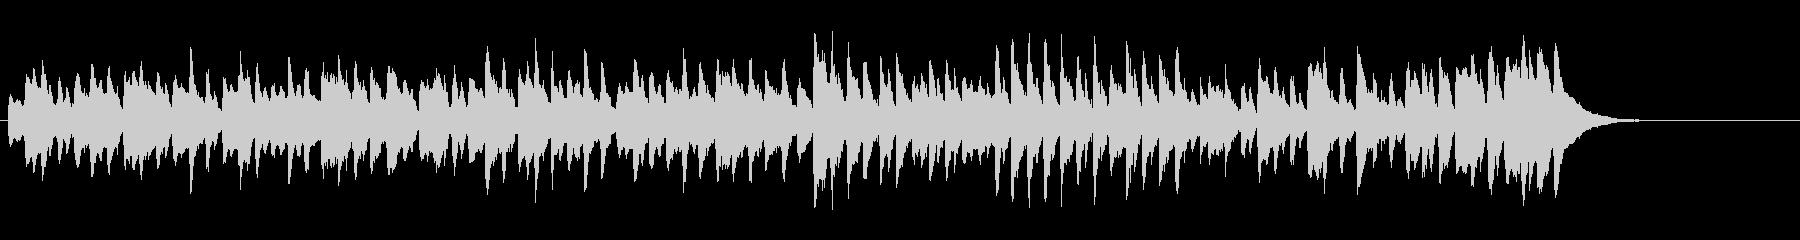 グラーツのワルツ第4番(シューベルト)の未再生の波形